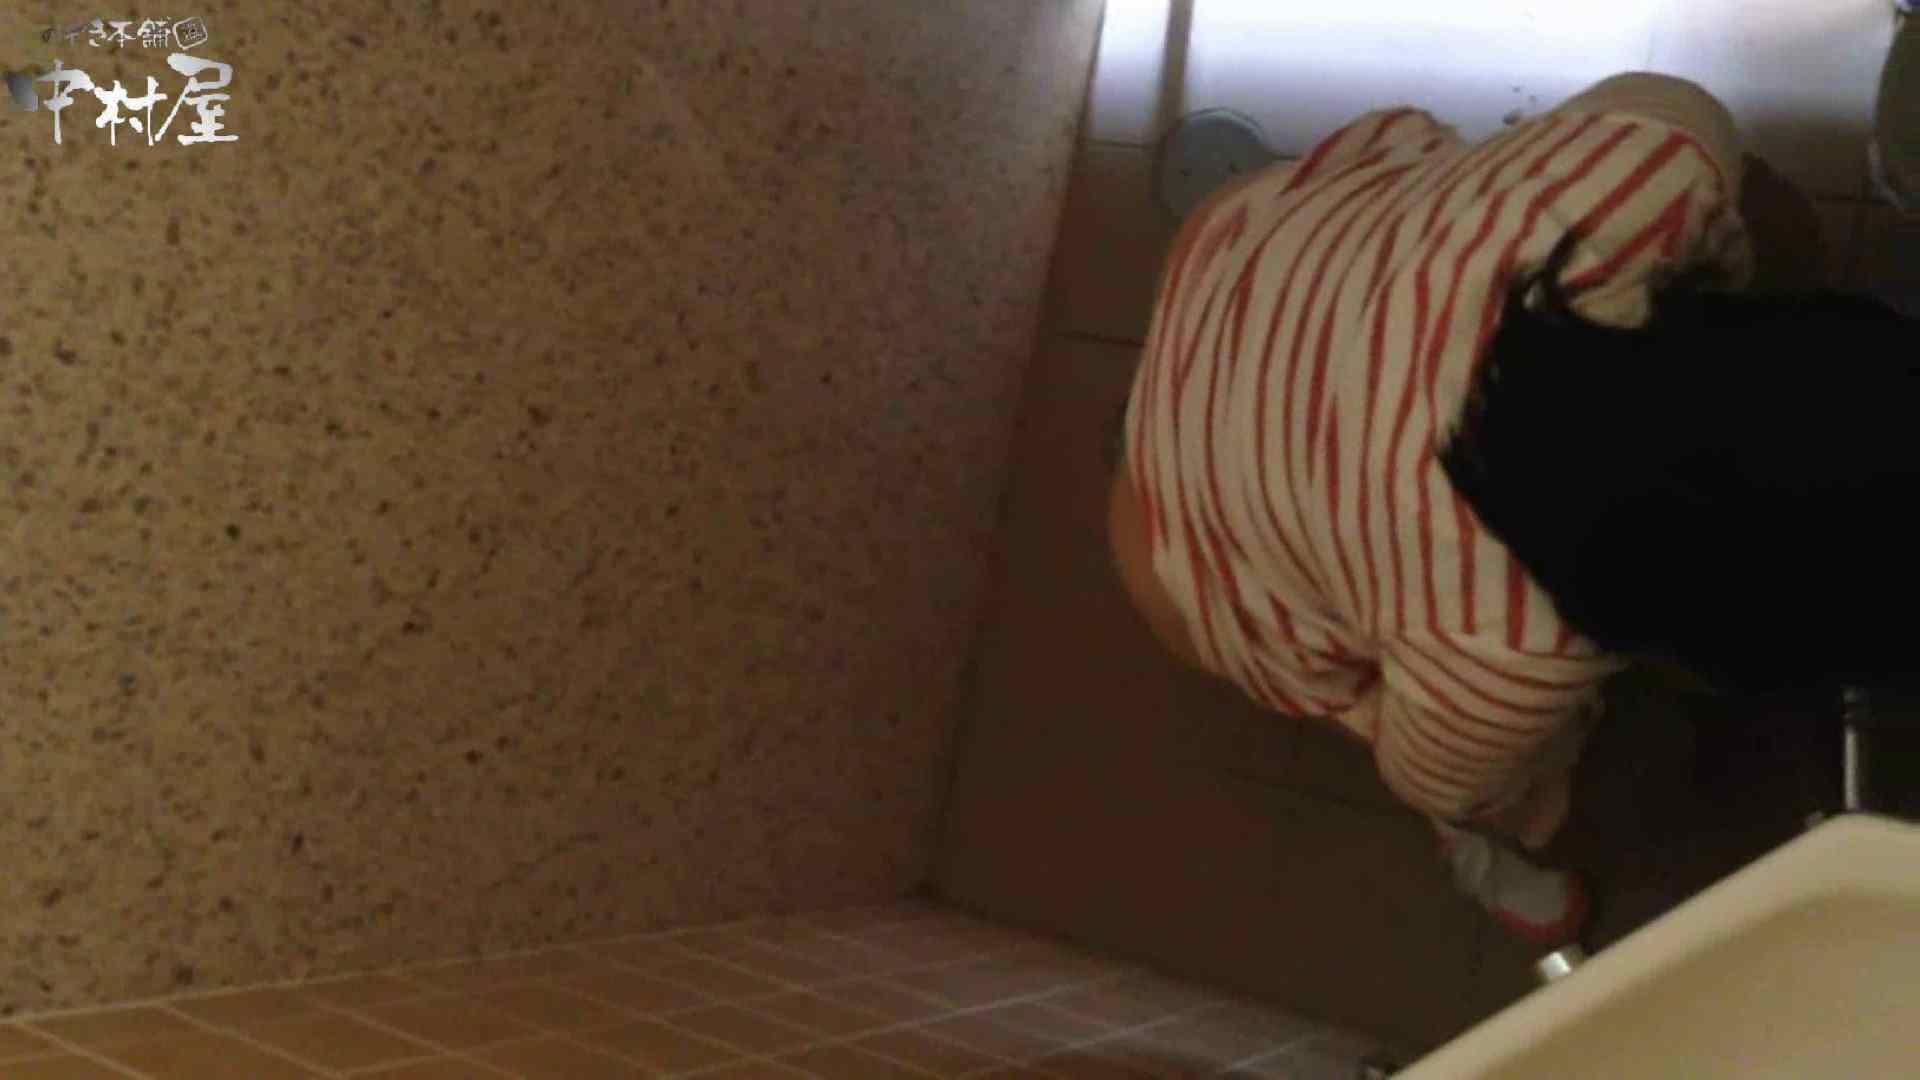 部活女子トイレ潜入編vol.5 美しいOLの裸体 のぞき動画画像 107pic 12